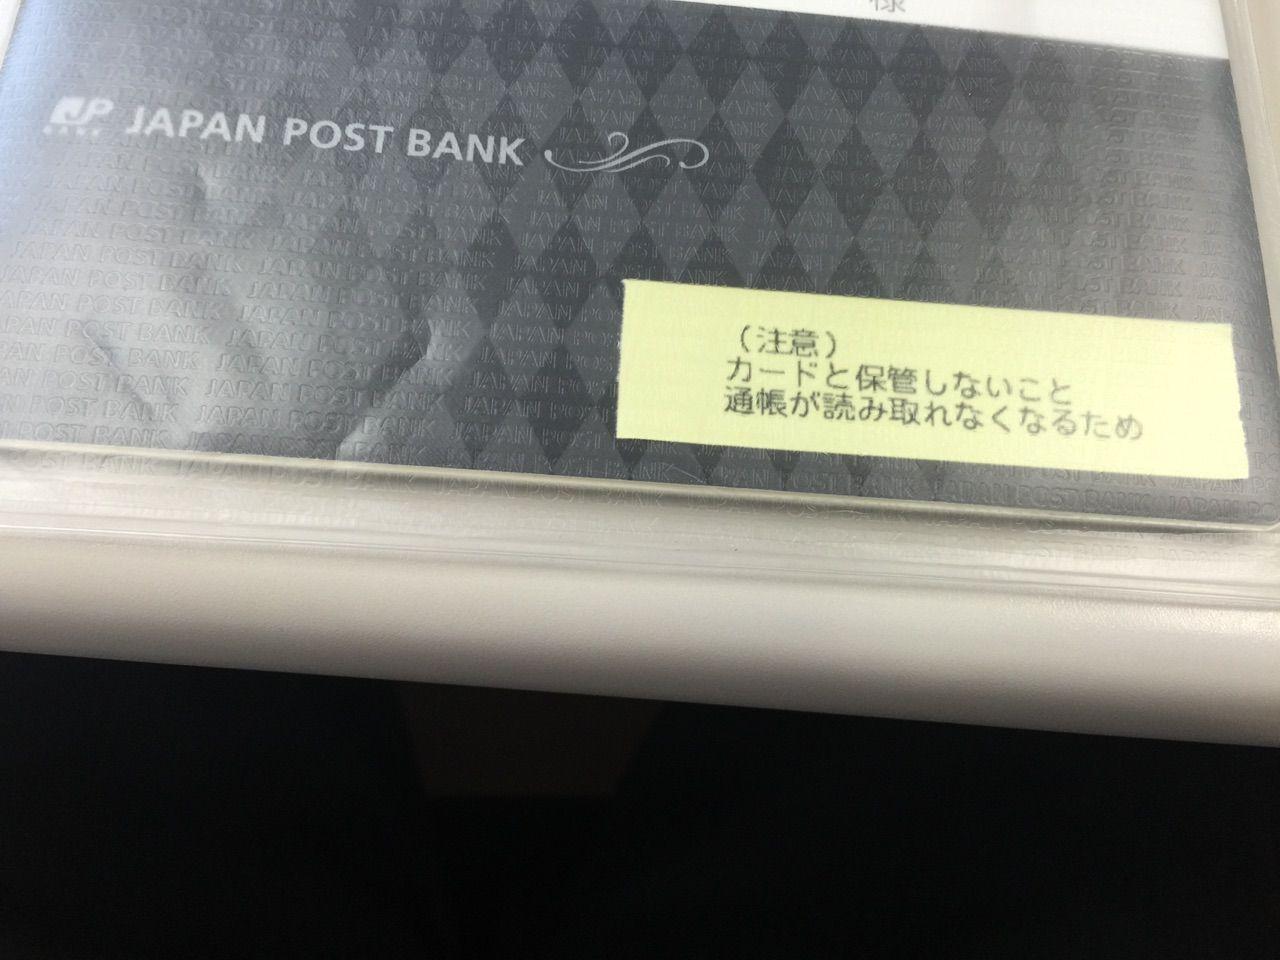 通帳 再 発行 ゆうちょ 銀行